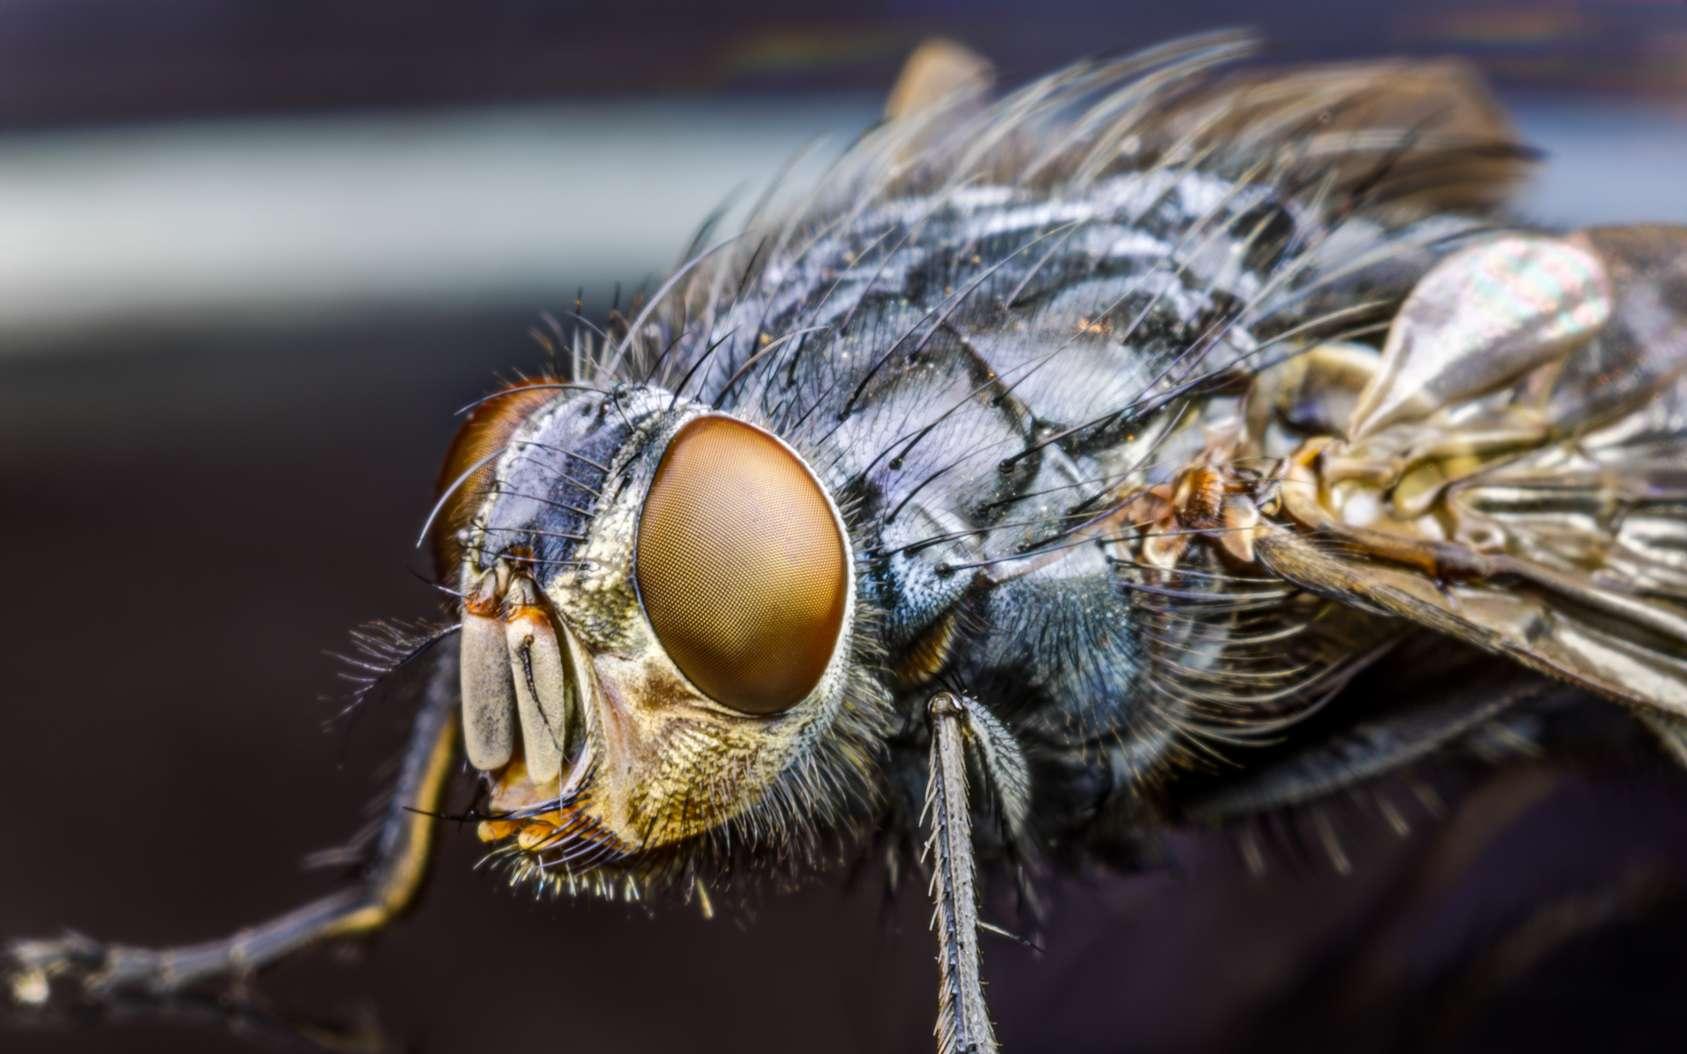 Gros plan sur une mouche. © altmis, fotolia